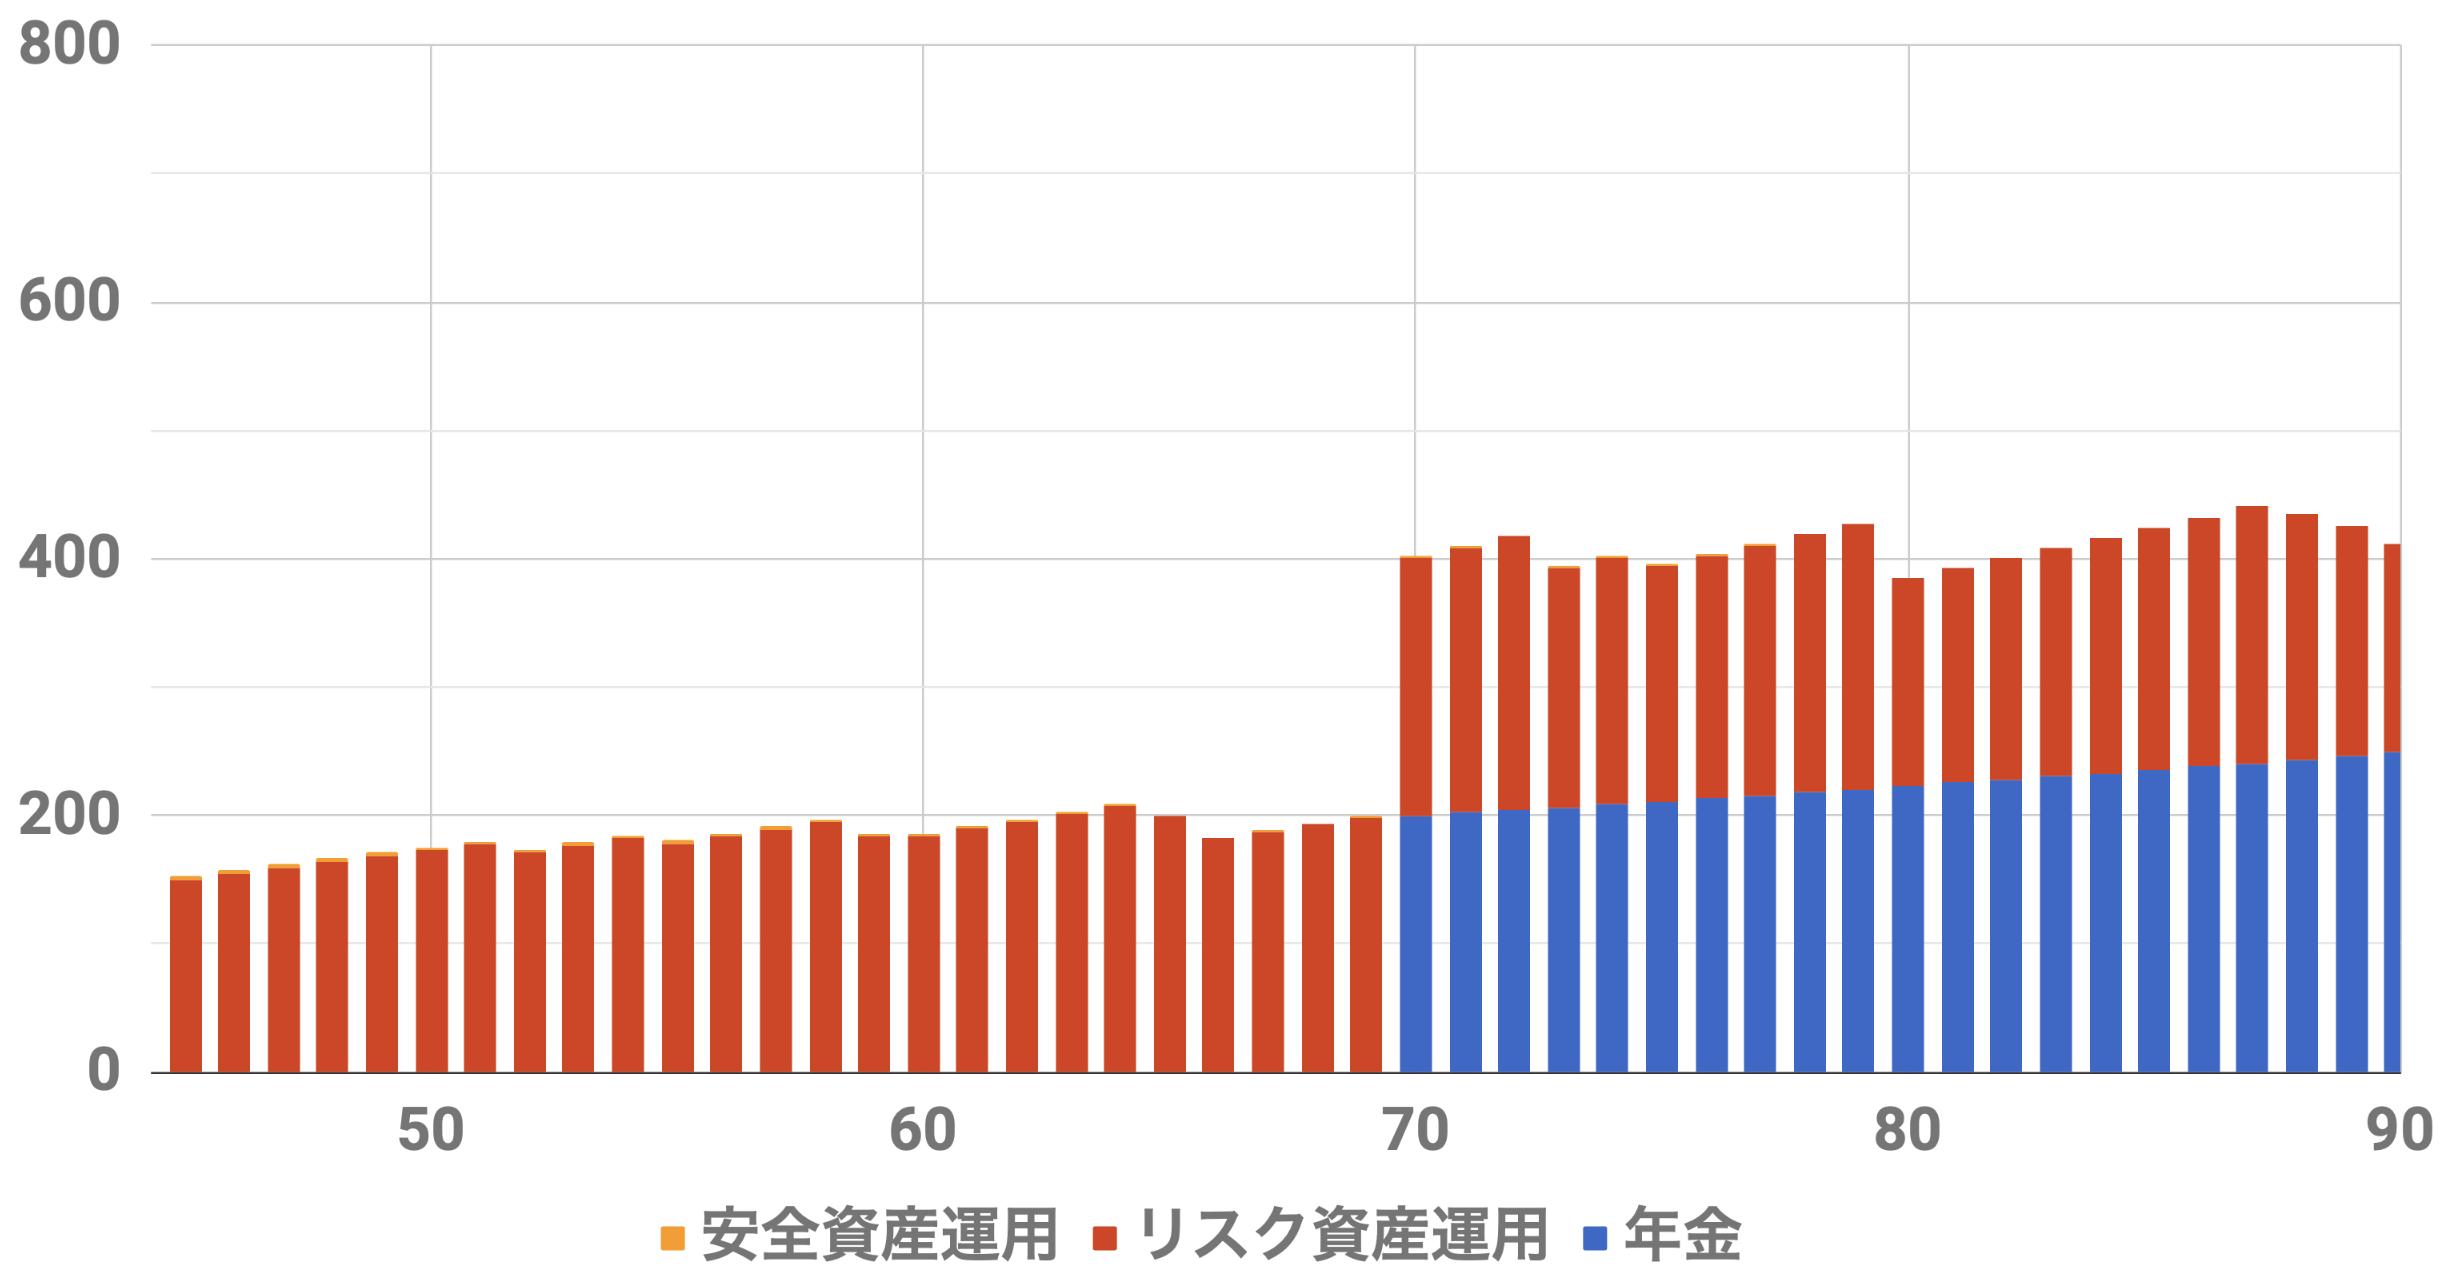 45歳1億円収入シミュレーション(Level4)インフレ率2%利率3%連続増配率3%リスク資金5000万